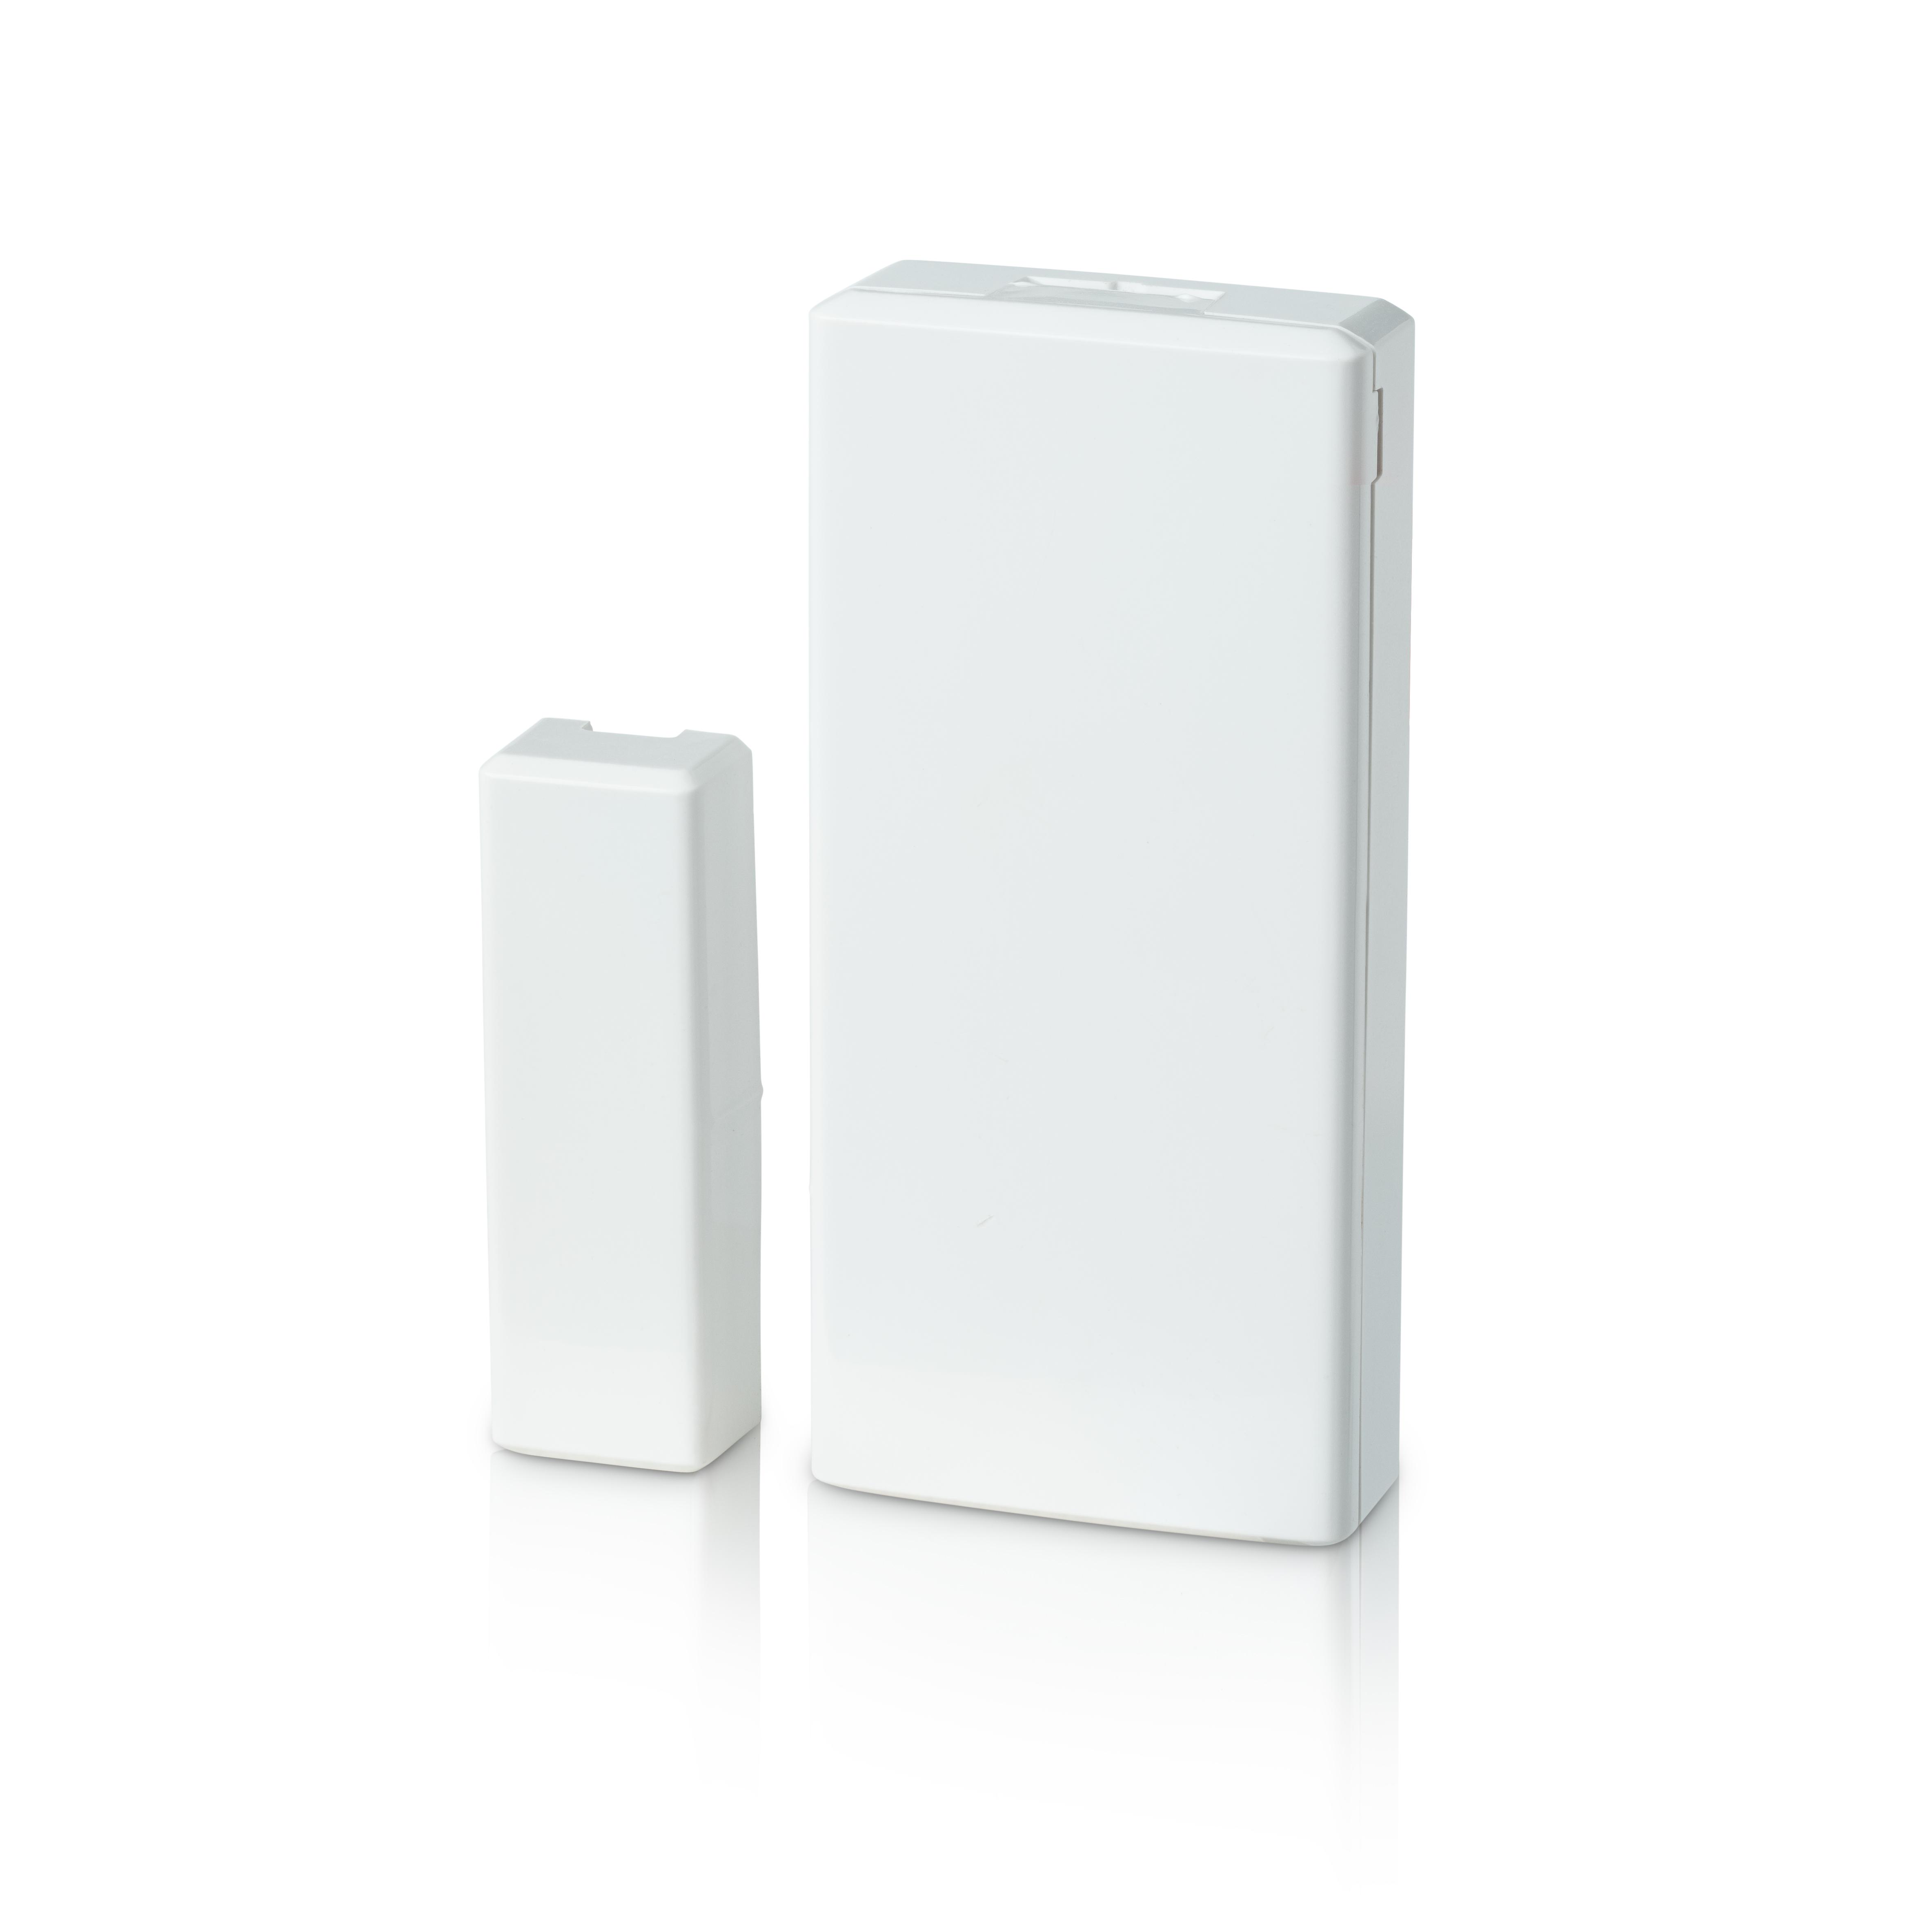 DSC PowerG PG9303 Wireless Door/Window Magnetic Contact